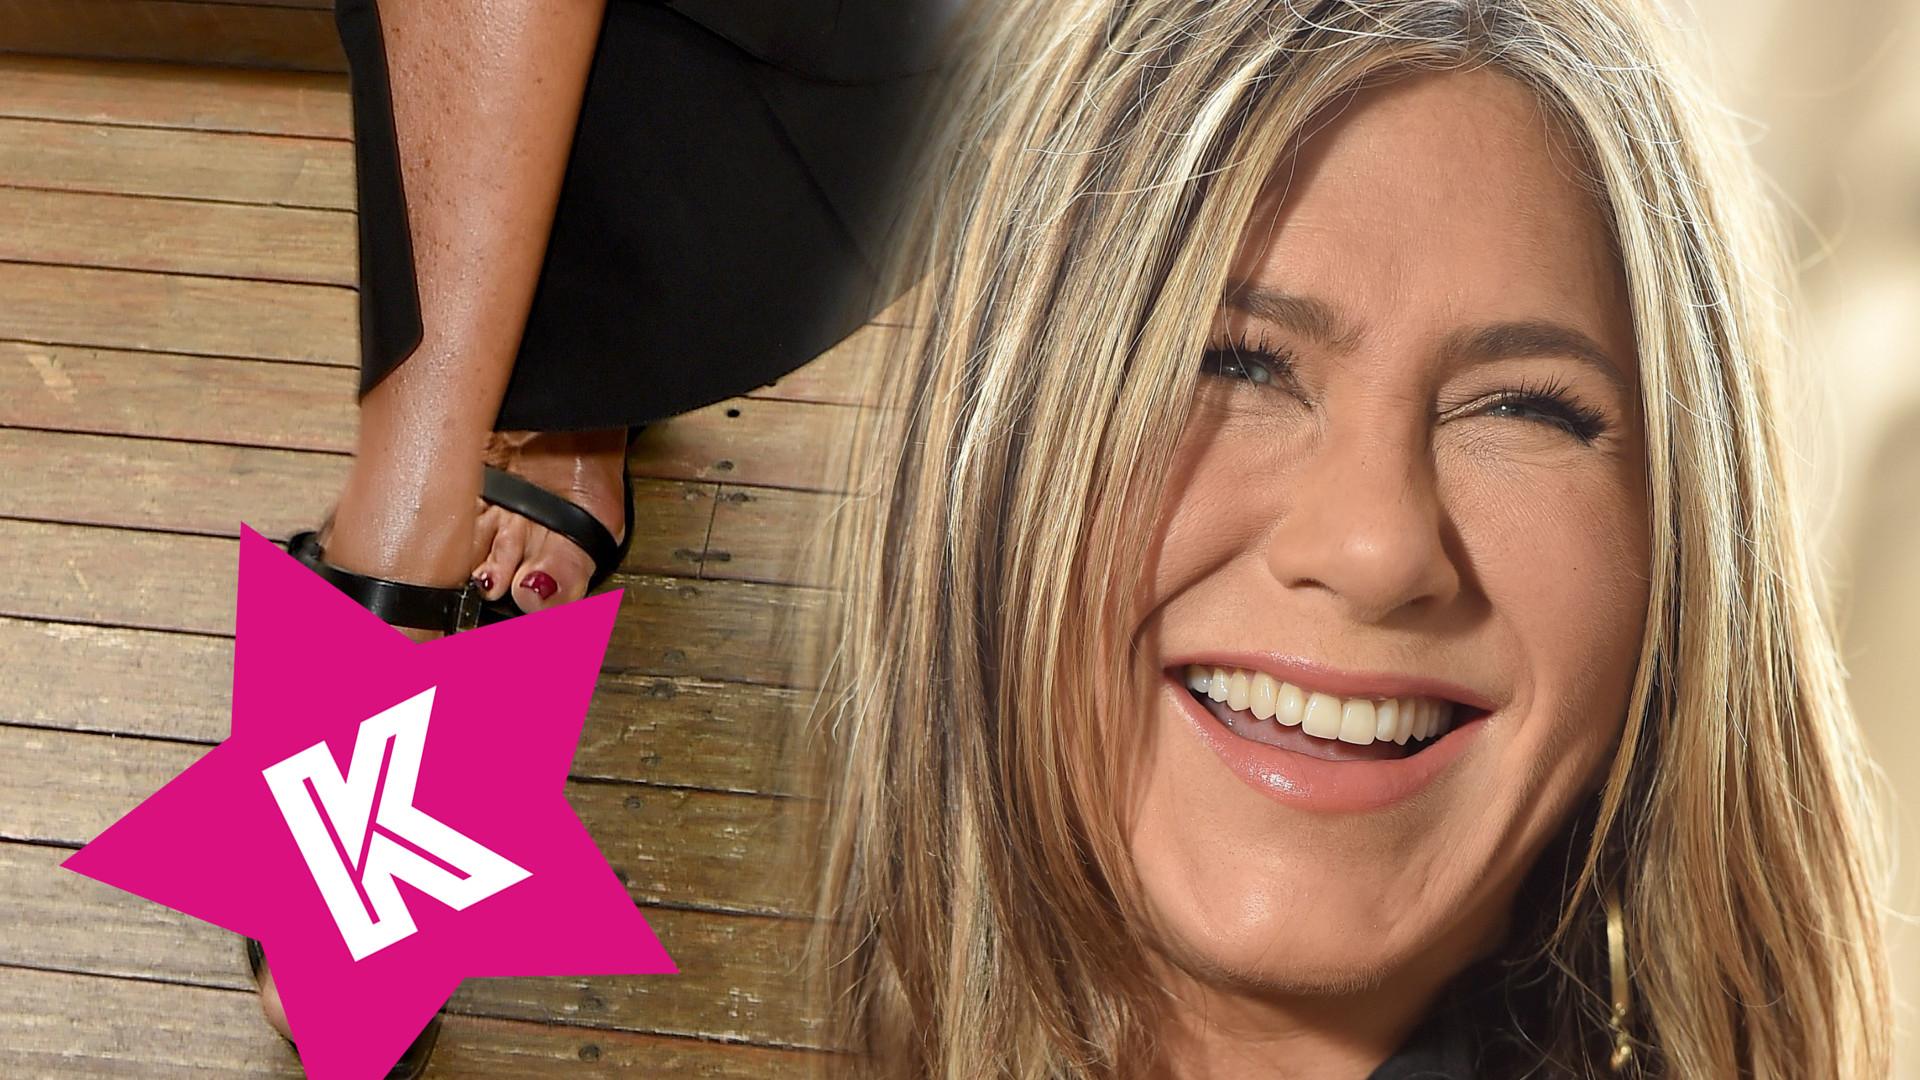 Nie uwierzycie, co Jennifer Aniston miała na stopie podczas premiery! (ZDJĘCIA)